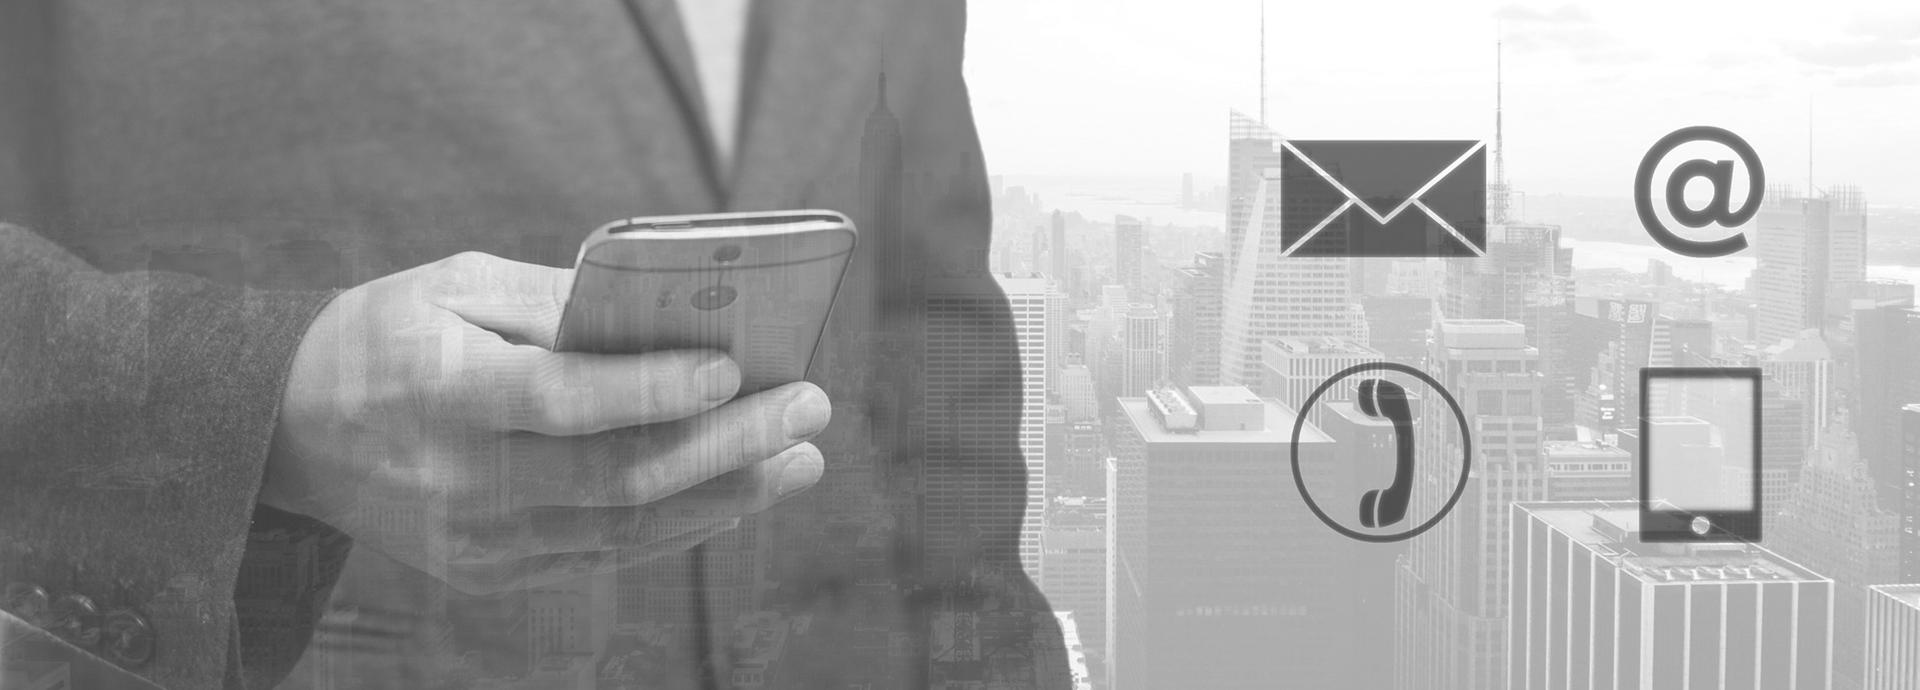 Standort der Do Investment AG München